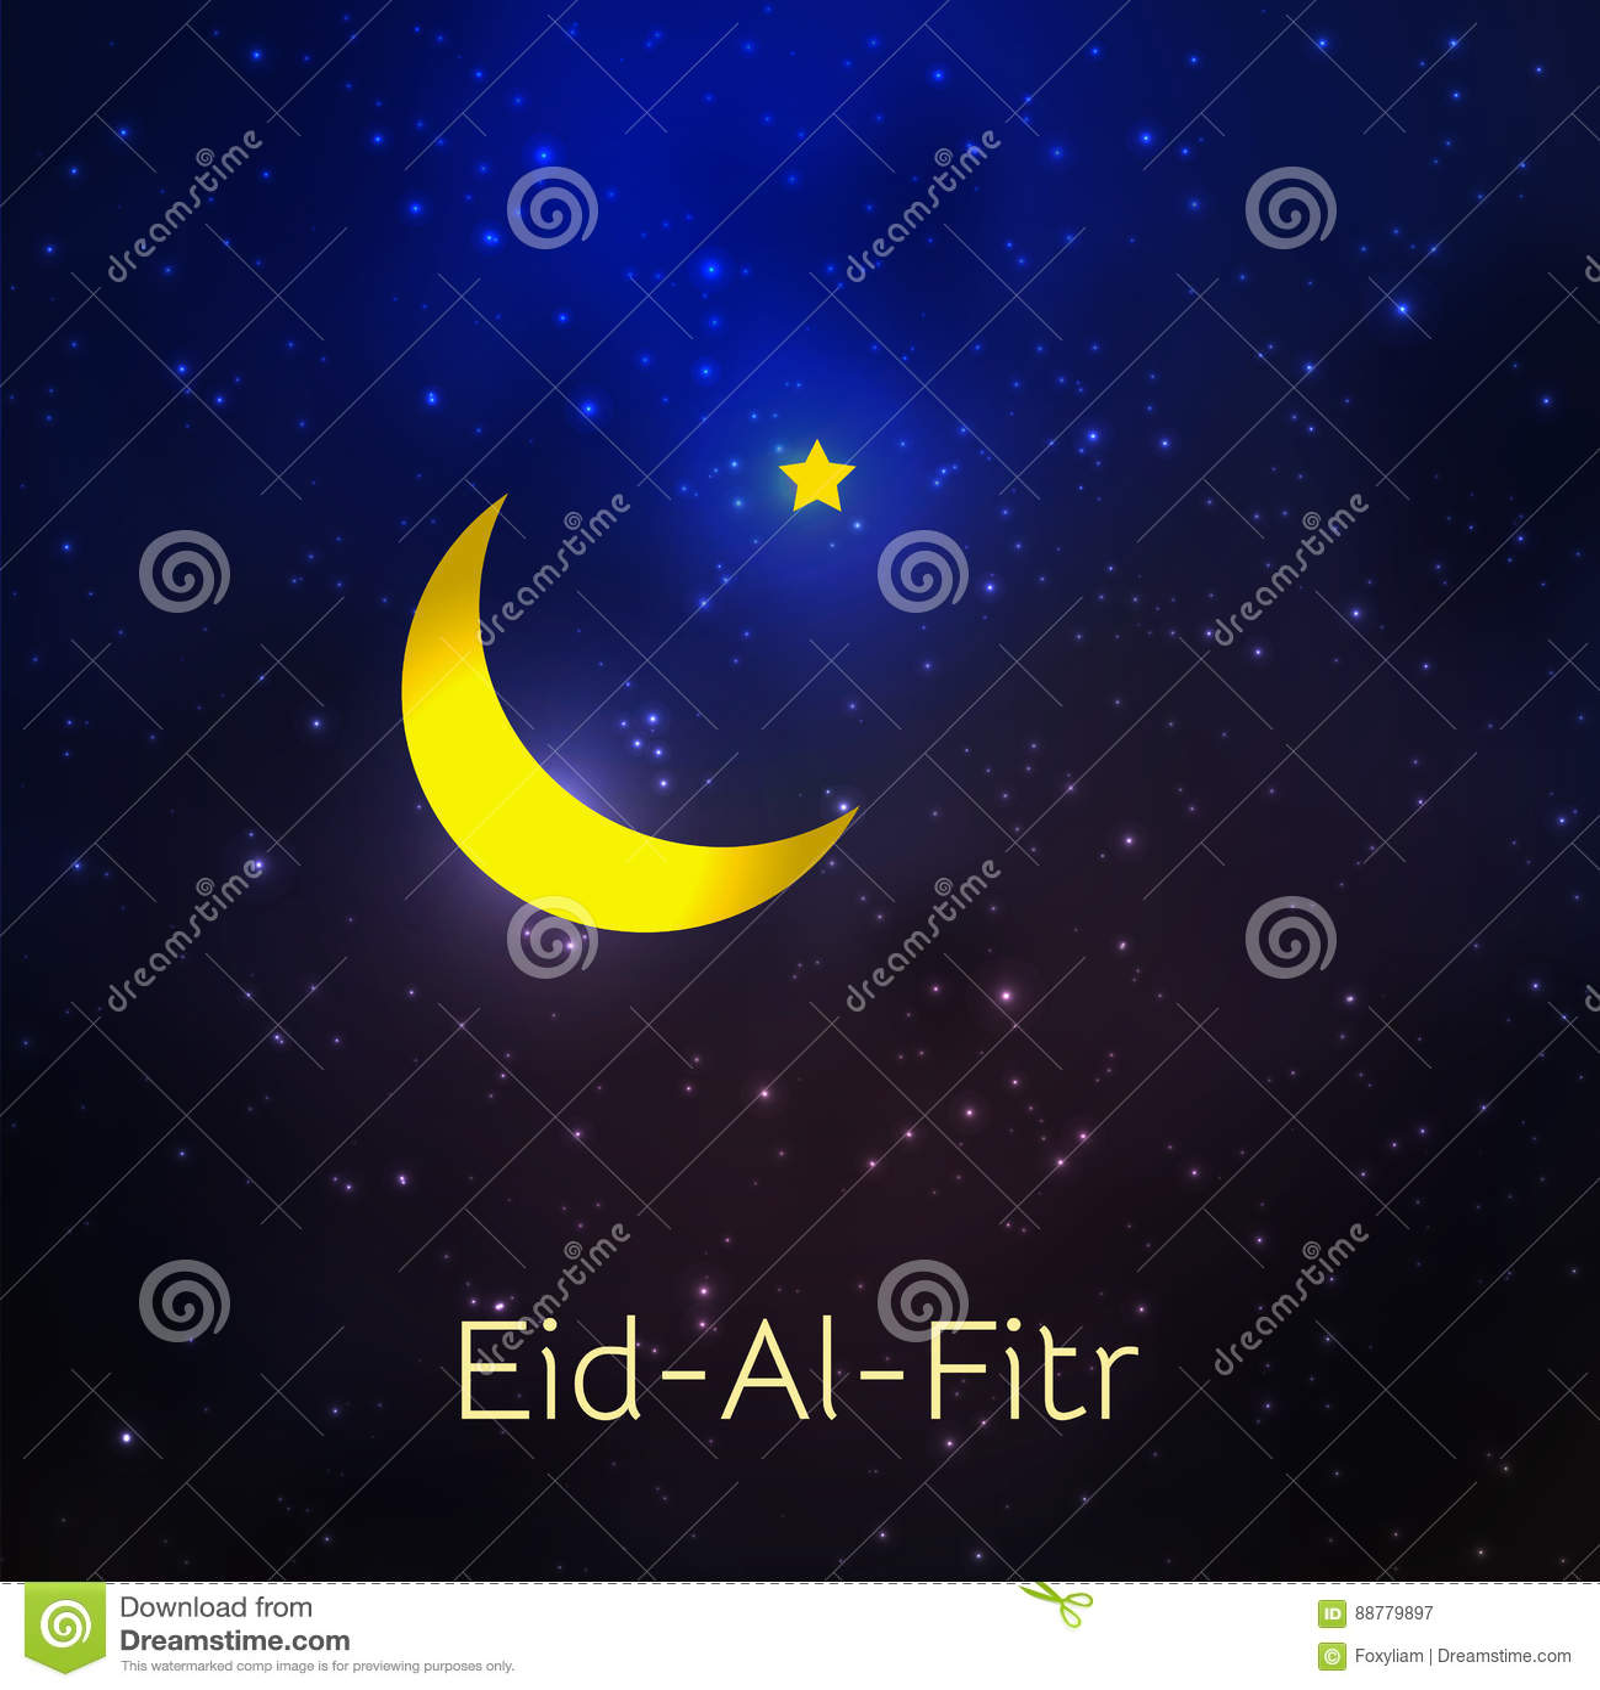 Muslim community festival eid al fitr eid mubarak happy eid muslim community festival eid al fitr eid mubarak happy eid greeting background m4hsunfo